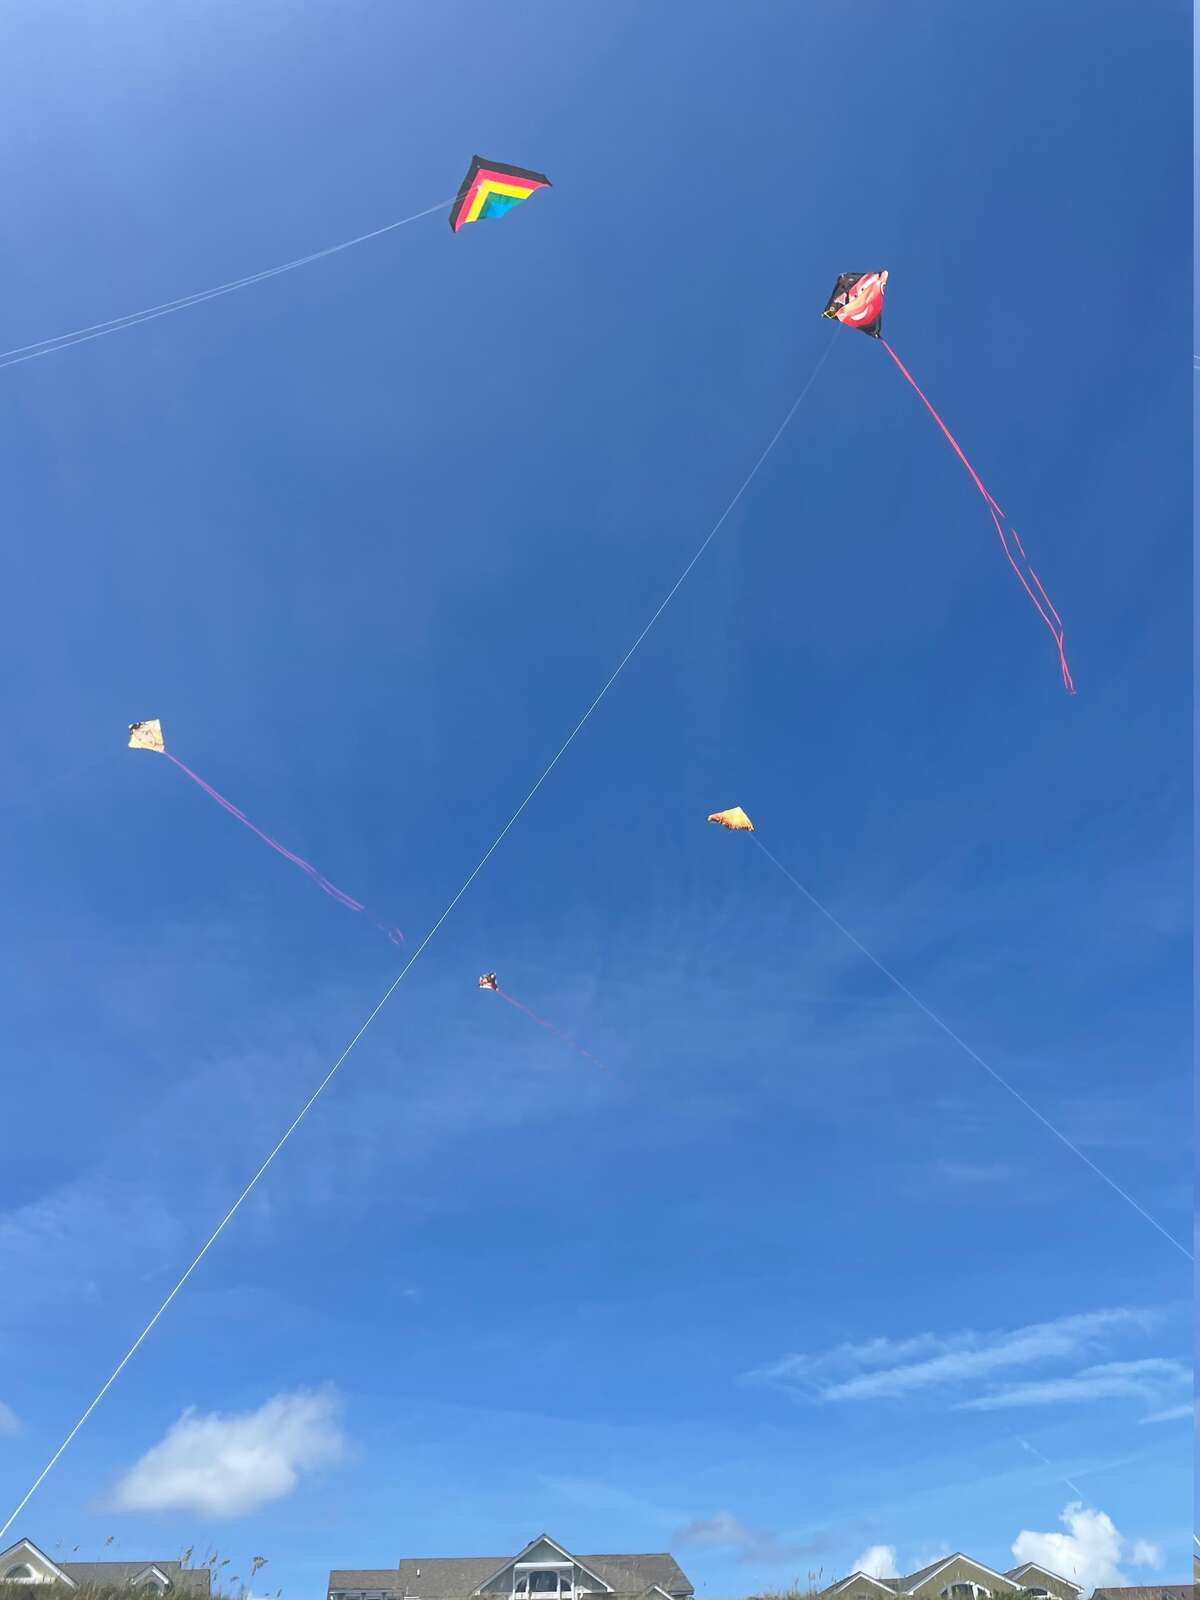 Latham resident Steve Layne's grandchildren are flying kites in Duck, North Carolina on the ocean beach.